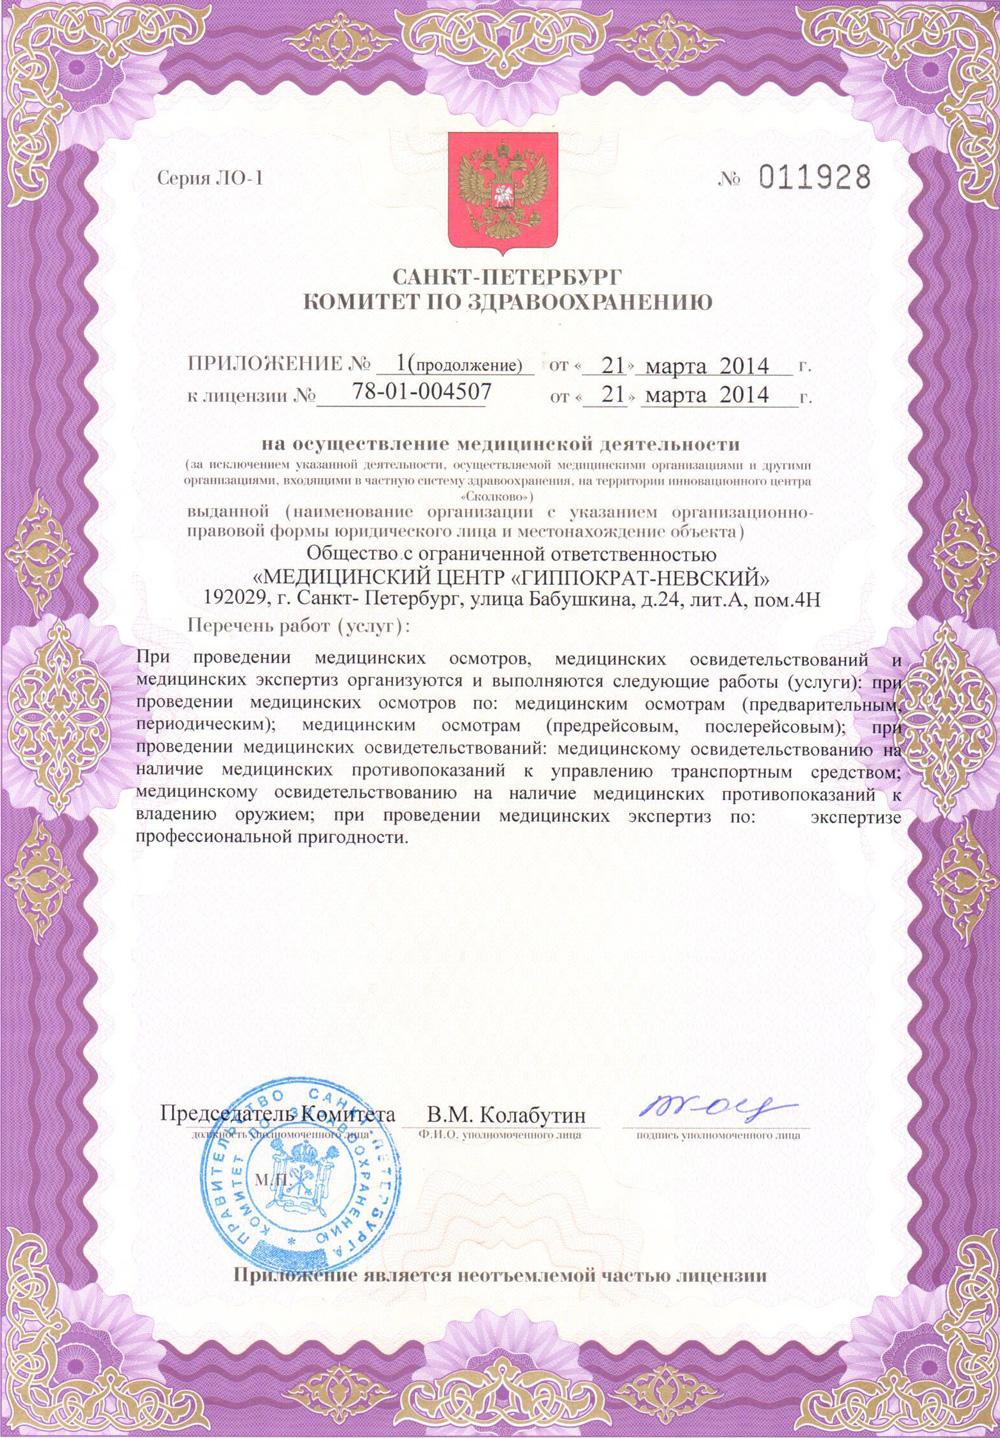 Главная, запись к врачу по телефону в москве | Детская